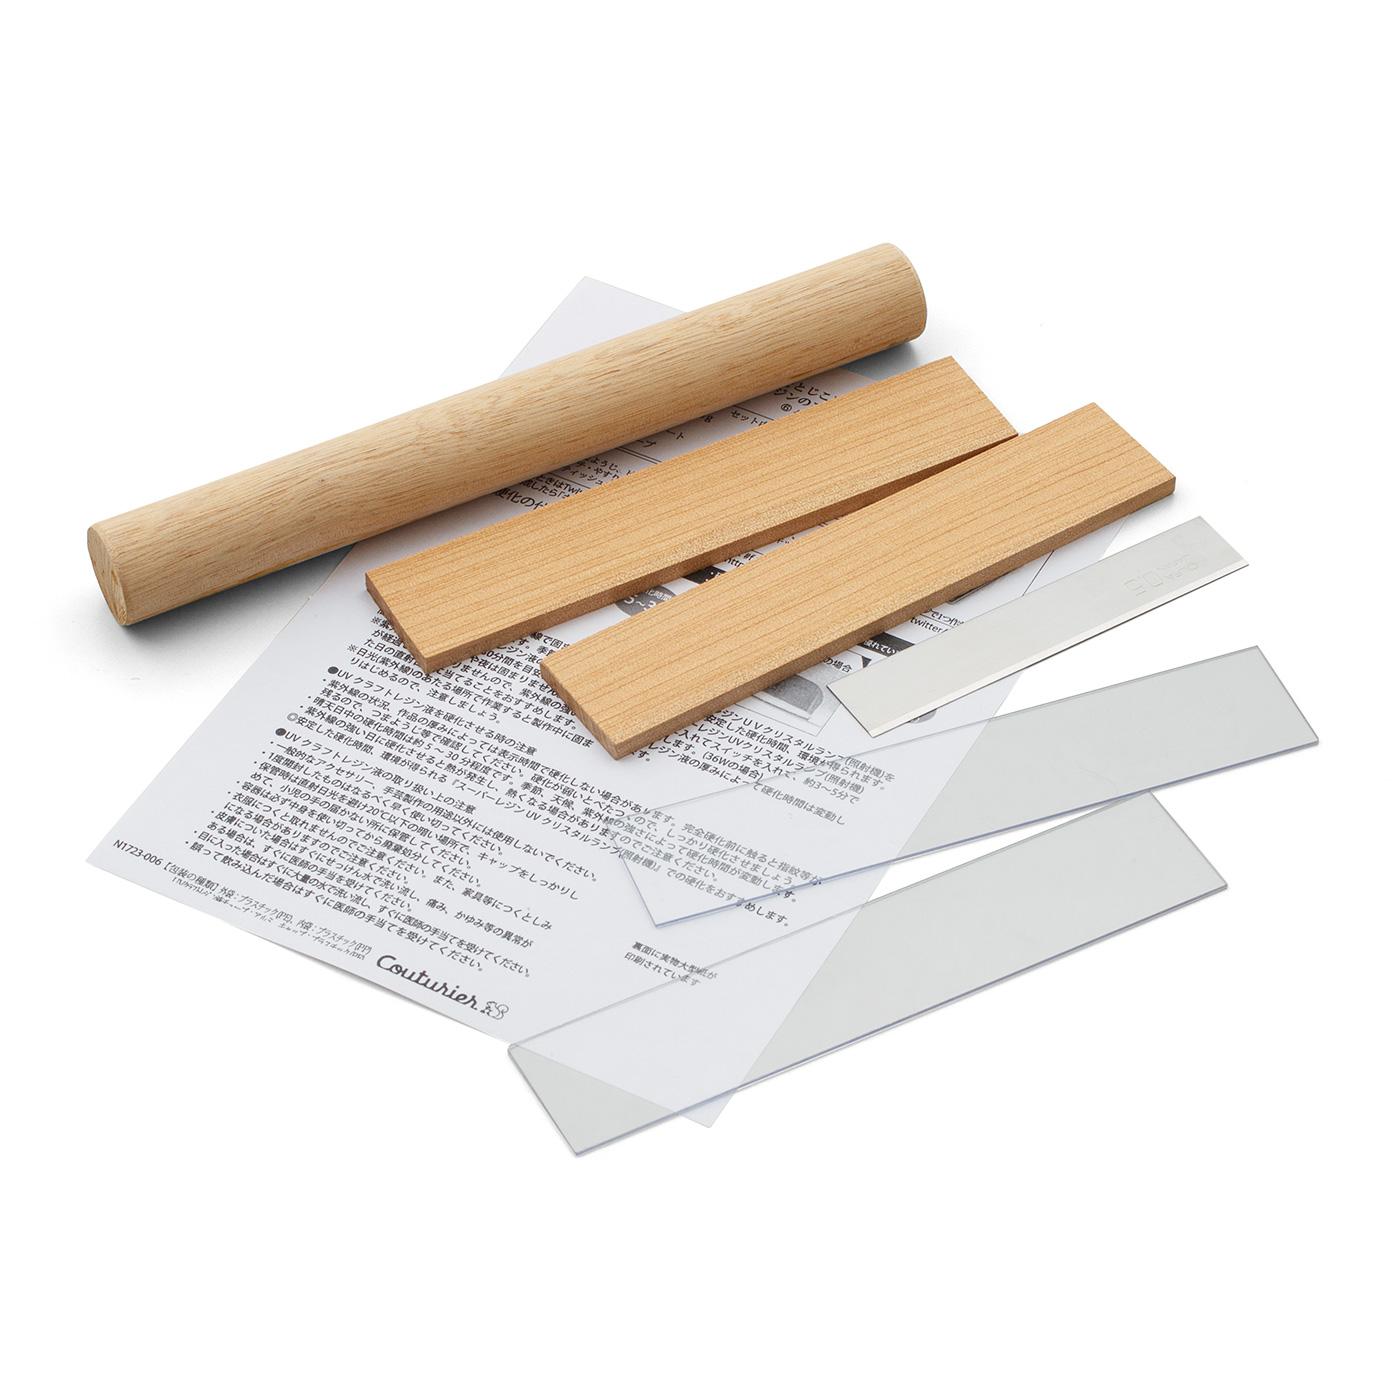 フェリシモ 樹脂粘土作りがもっと楽しくなる 便利なツールセット